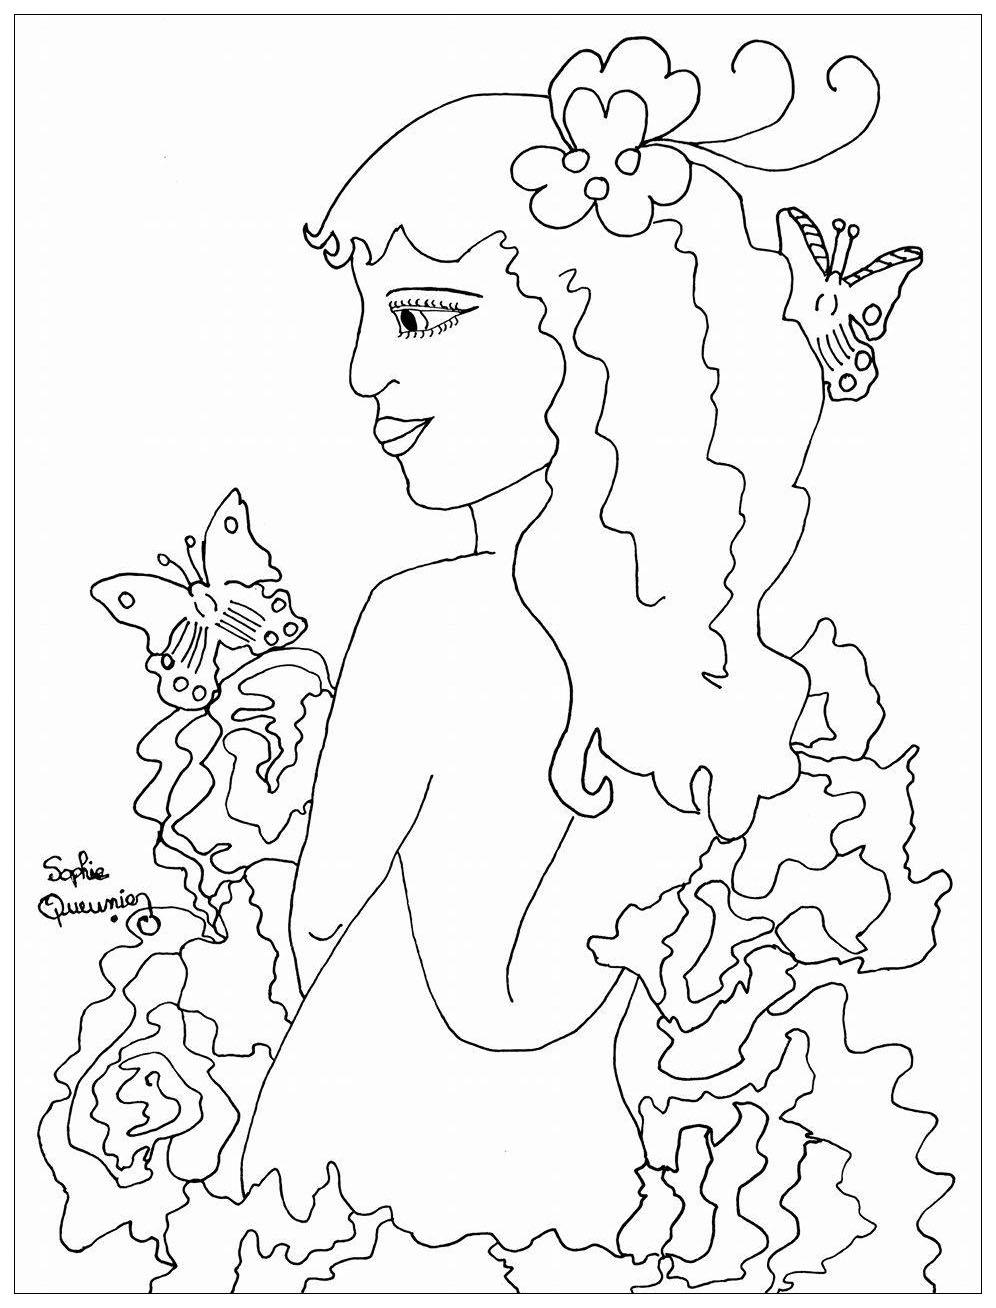 Disegni da colorare per adulti : Anti-stress / Zen - 182